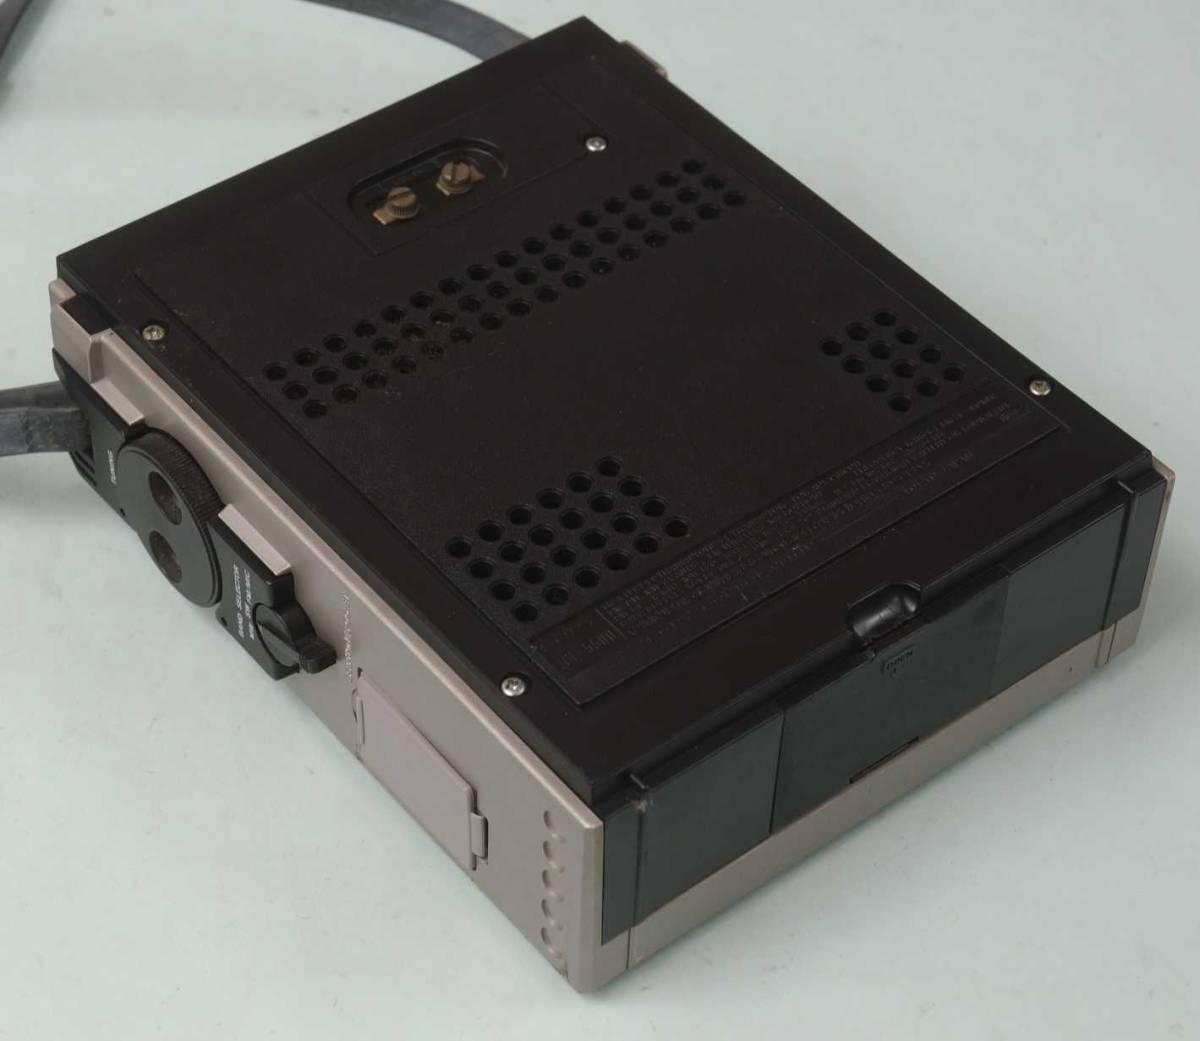 ジャンク!SONY ICF-5500 スカイセンサー FM/AM 3バンド レシーバー_画像3